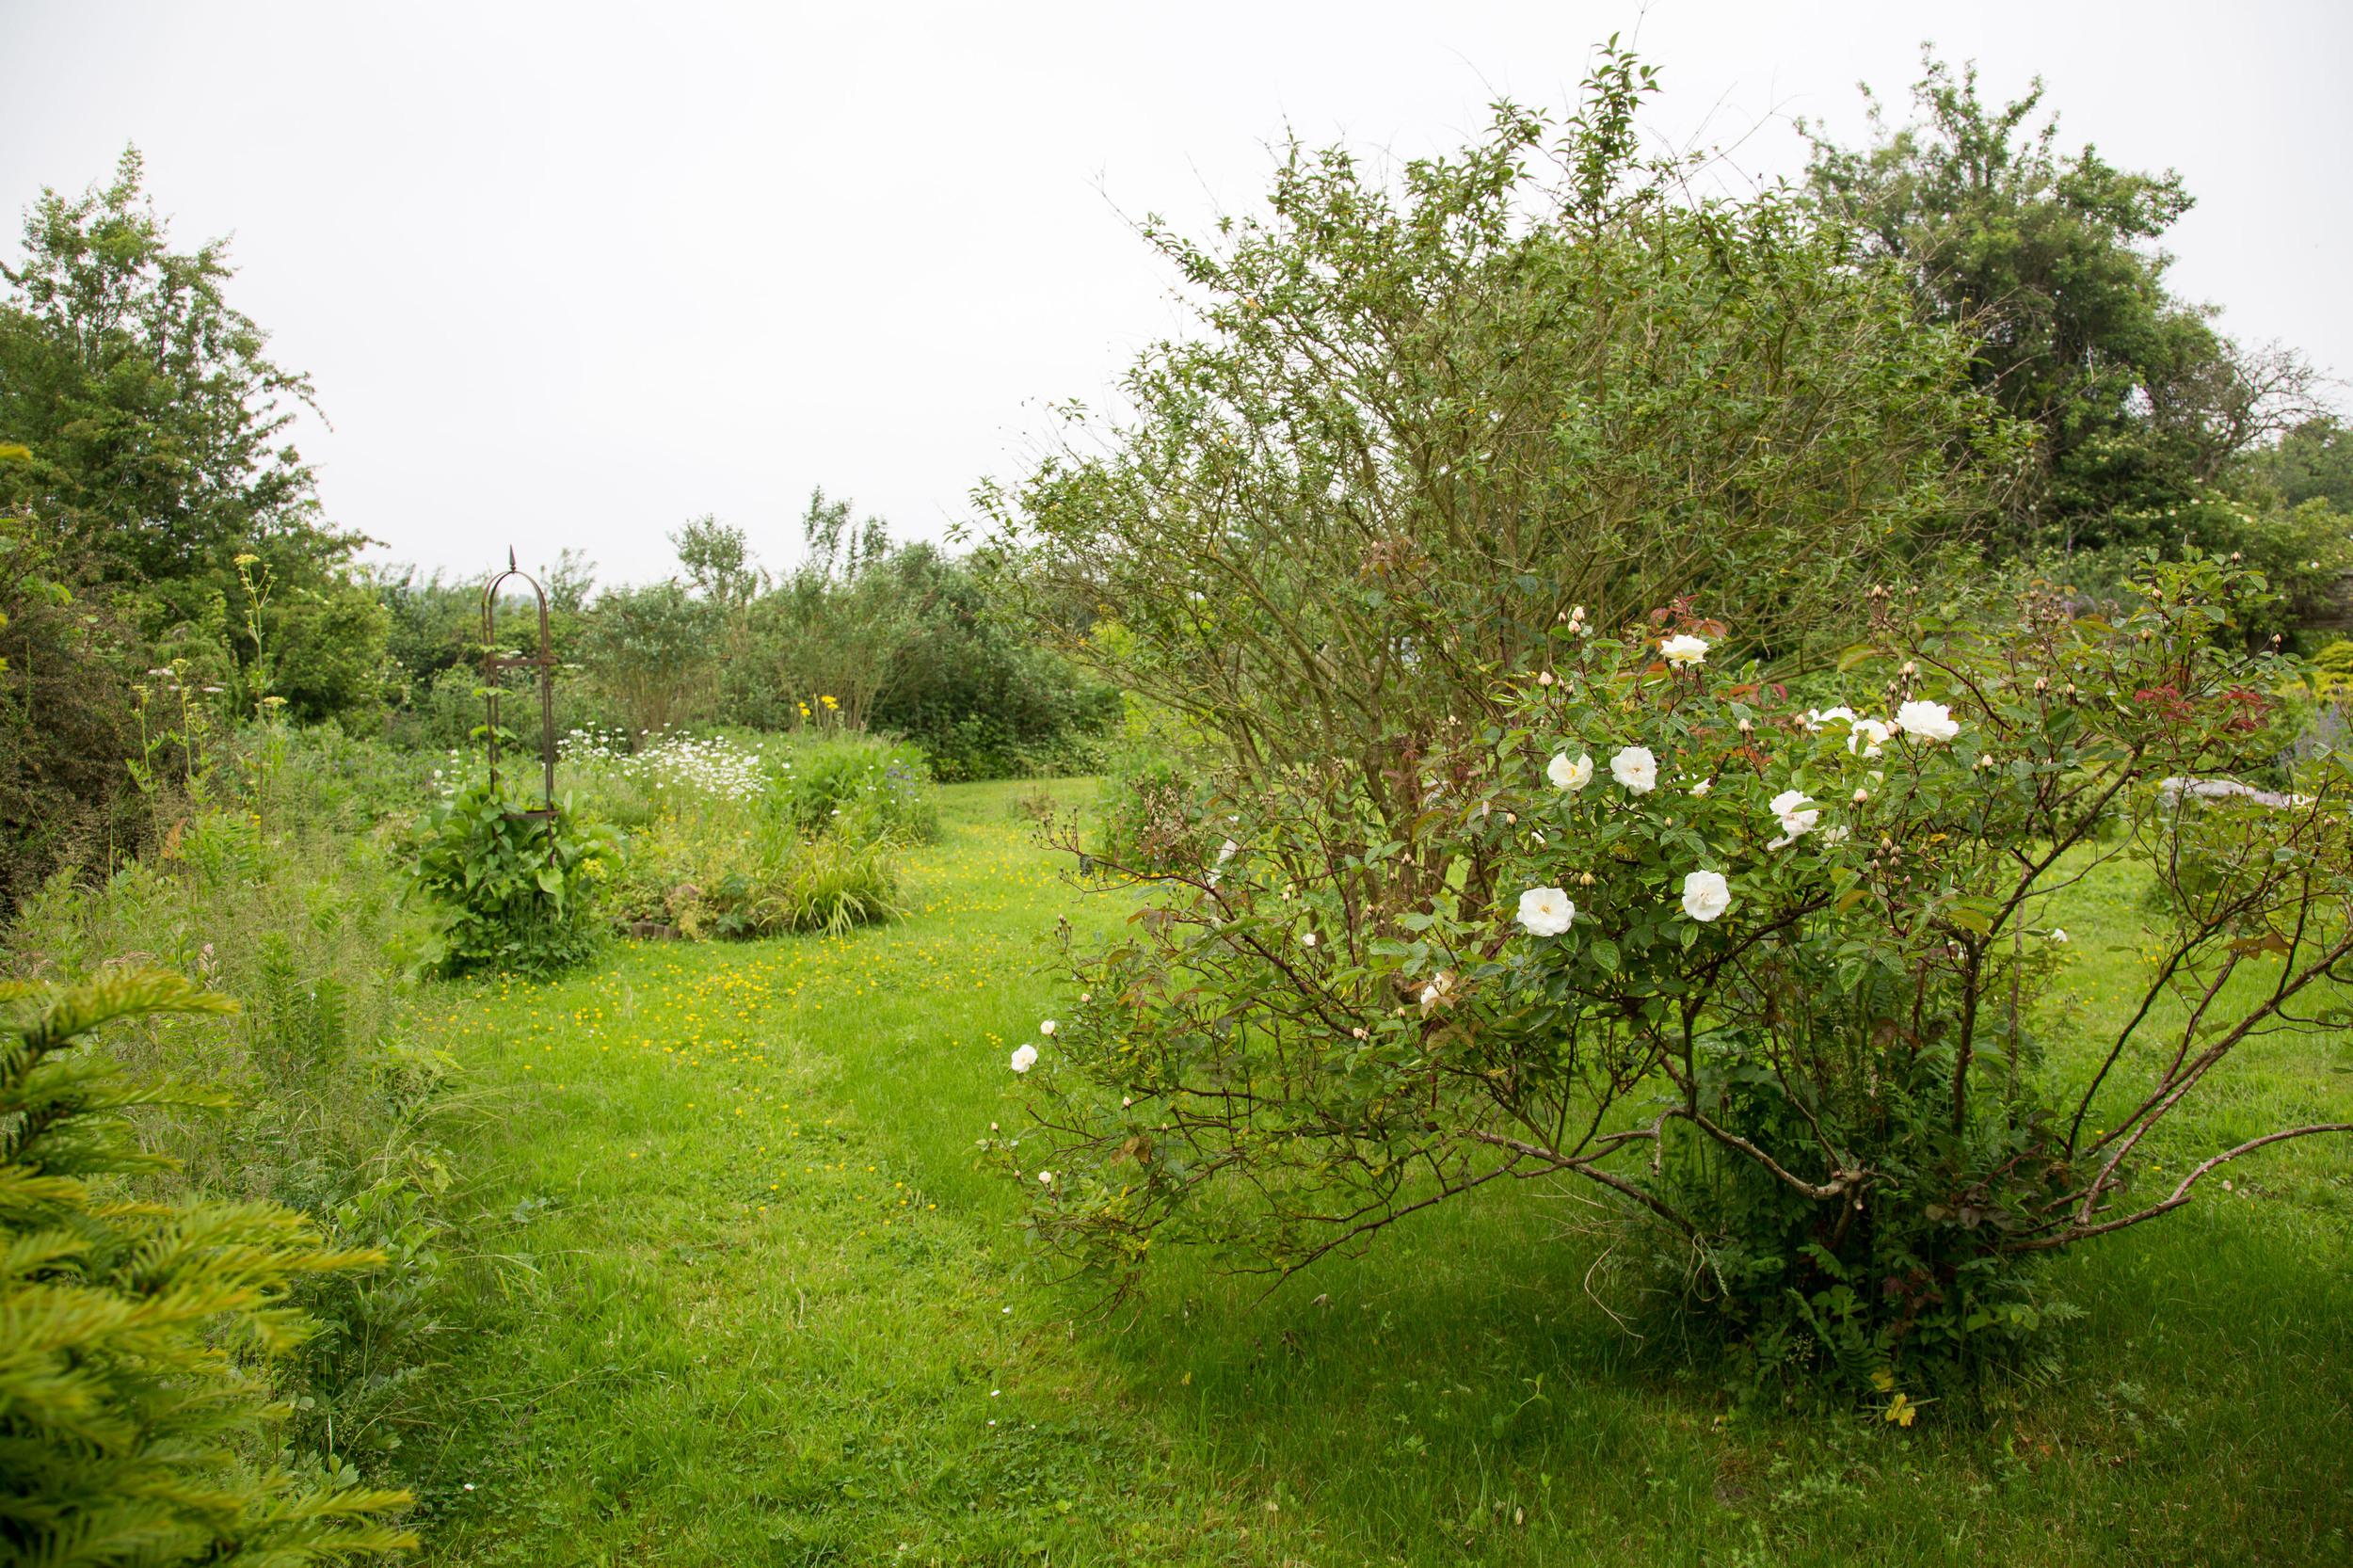 Iden crofts Garten (3009 von 14).jpg